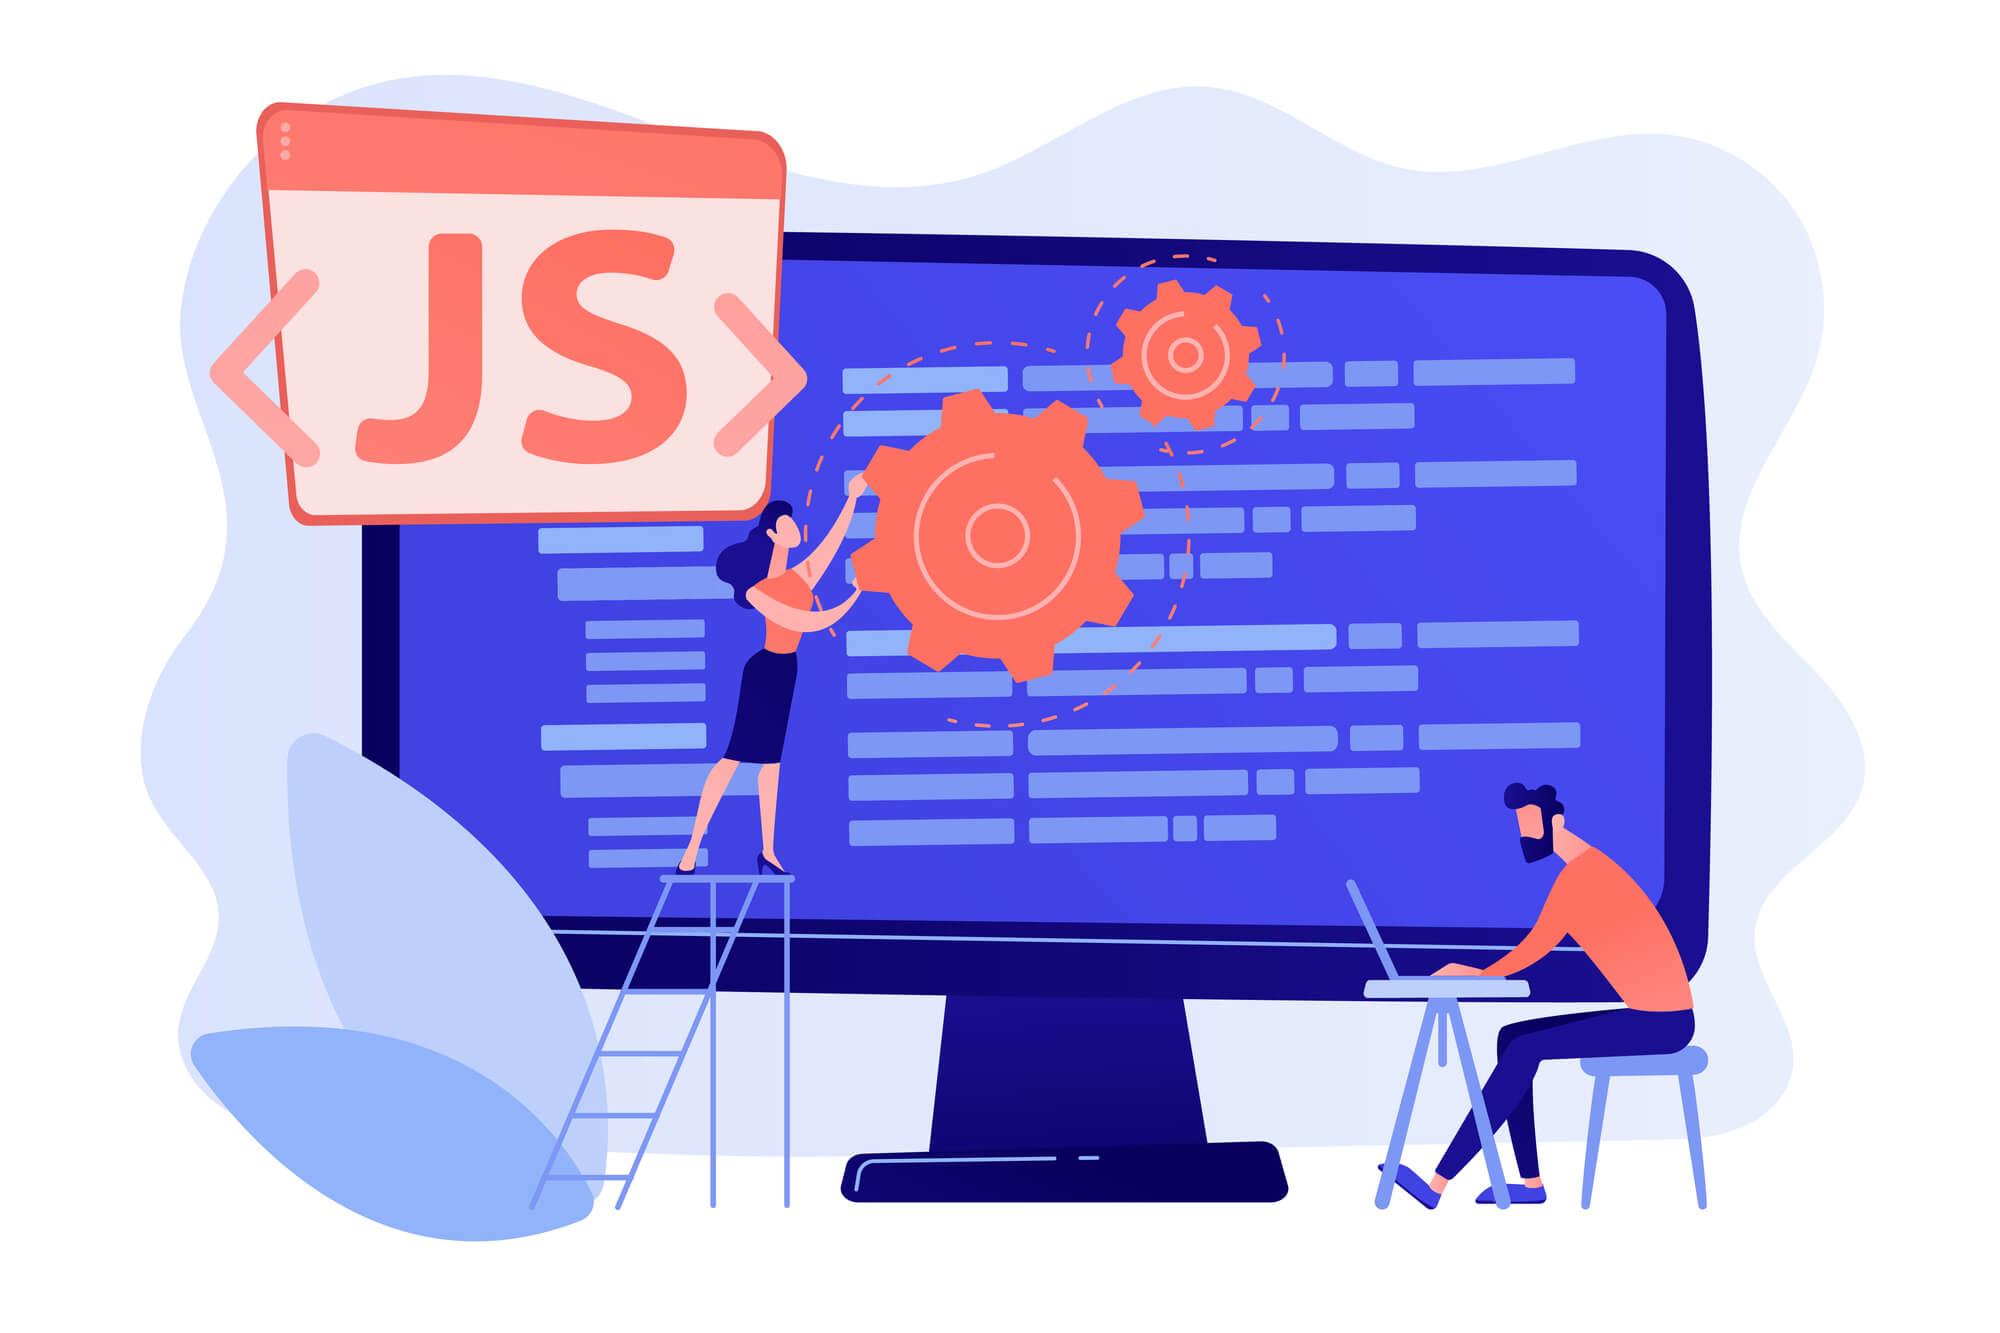 Javascriptのイメージ